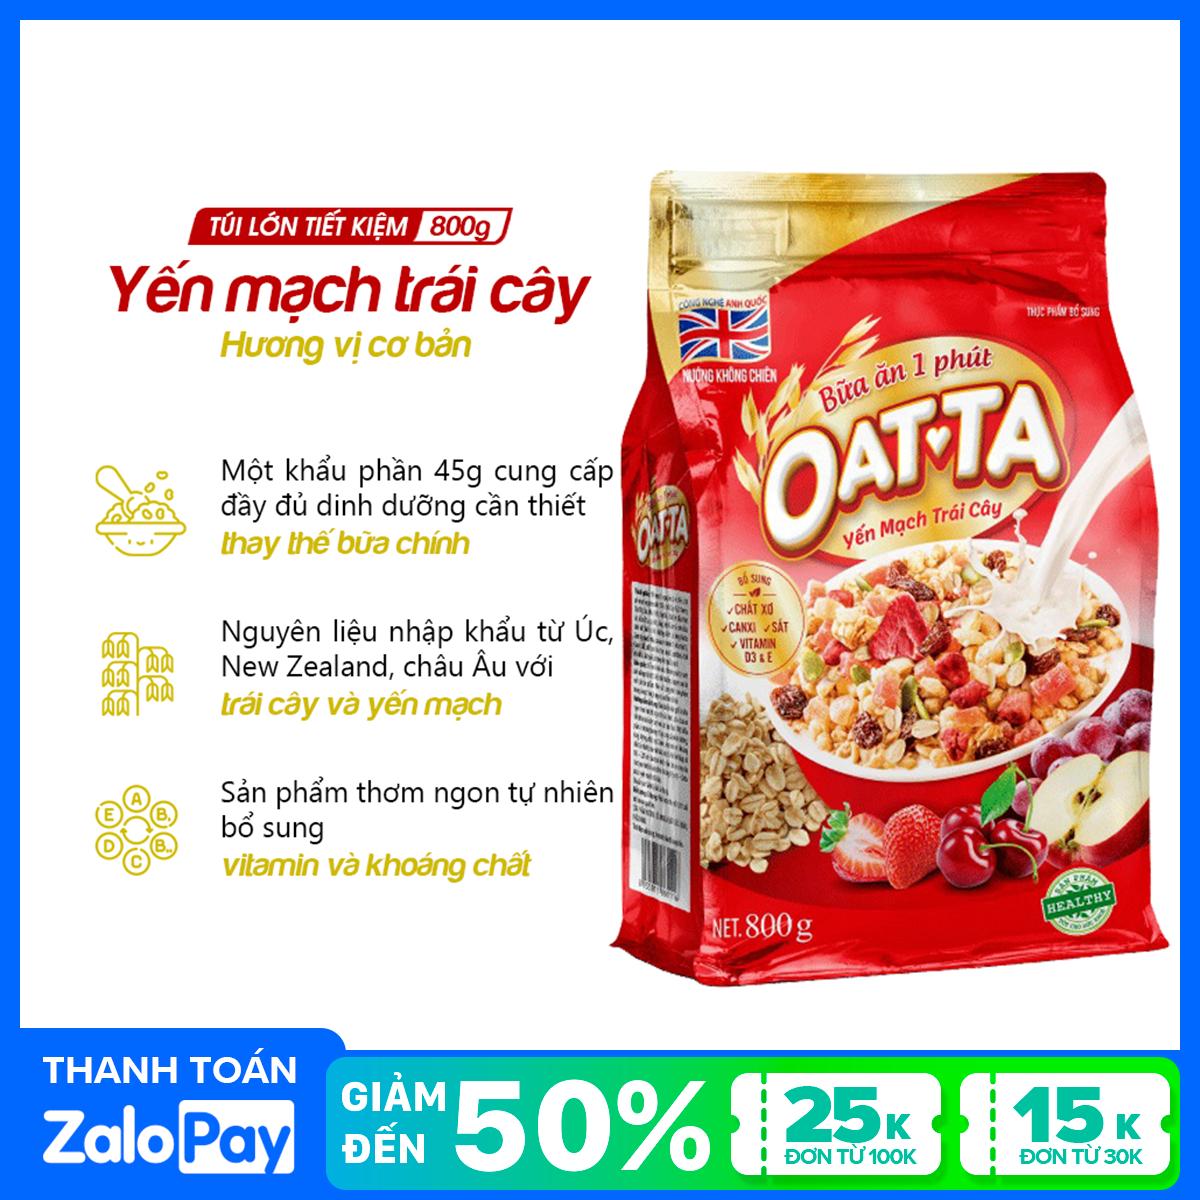 Yến mạch trái cây Oatta túi 800g (tặng bát sứ giữ nhiệt cao cấp Oatta)